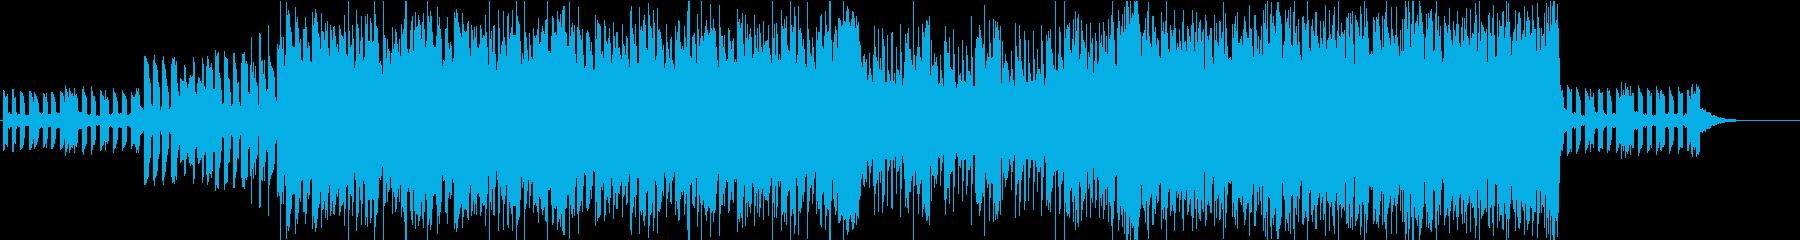 ダブステップ、EDM、サイバー、AIの再生済みの波形